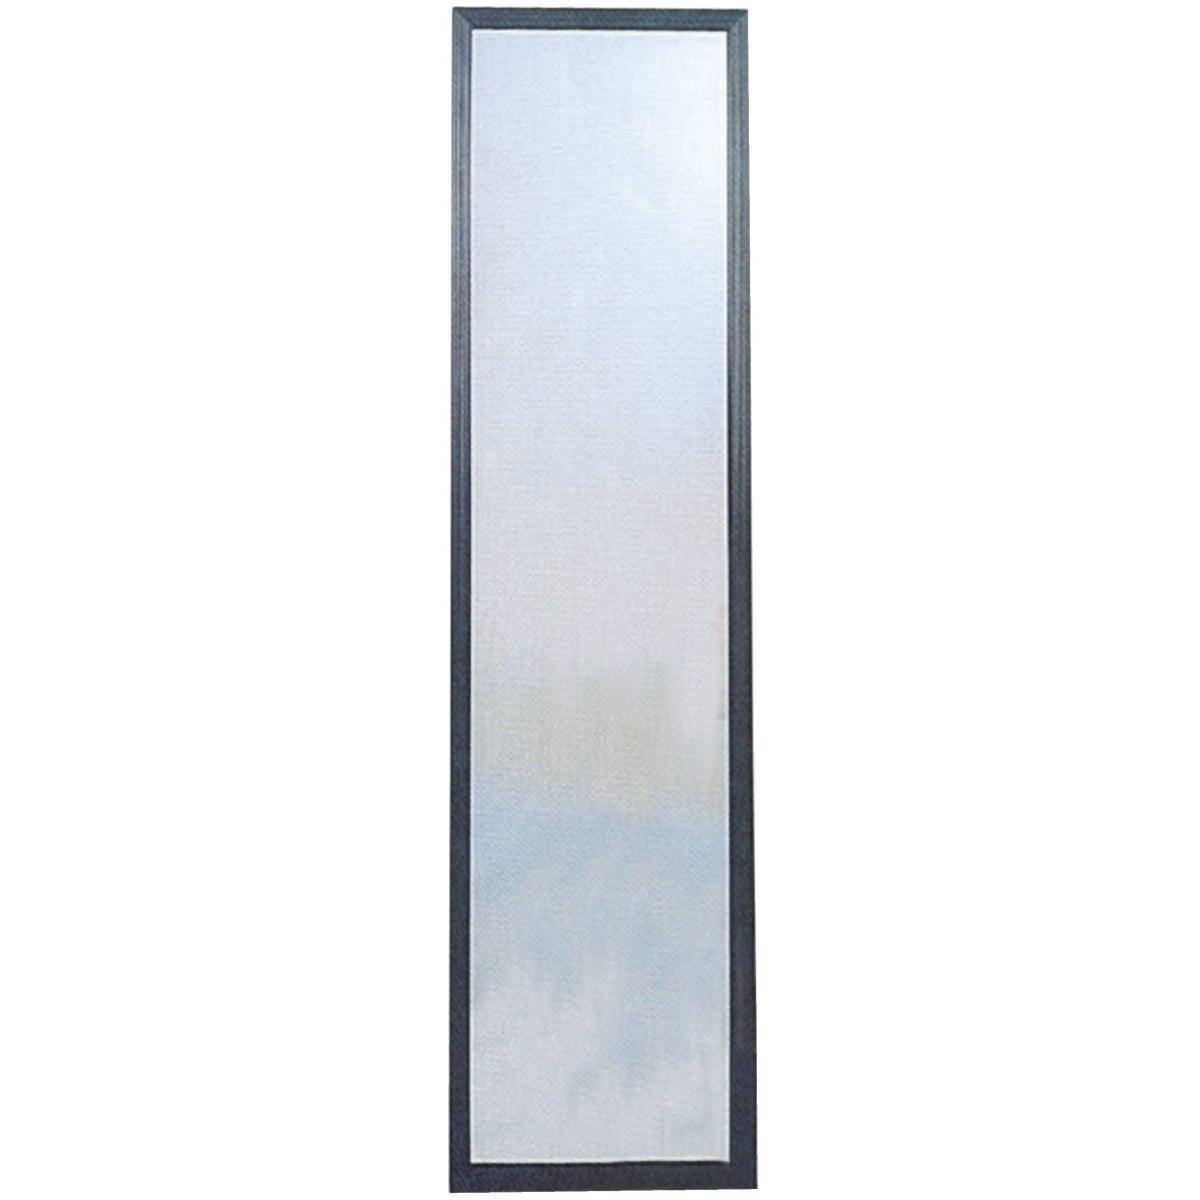 SUAVE BLK DOOR MIRROR - 20-6190 by Home Decor Innovatns